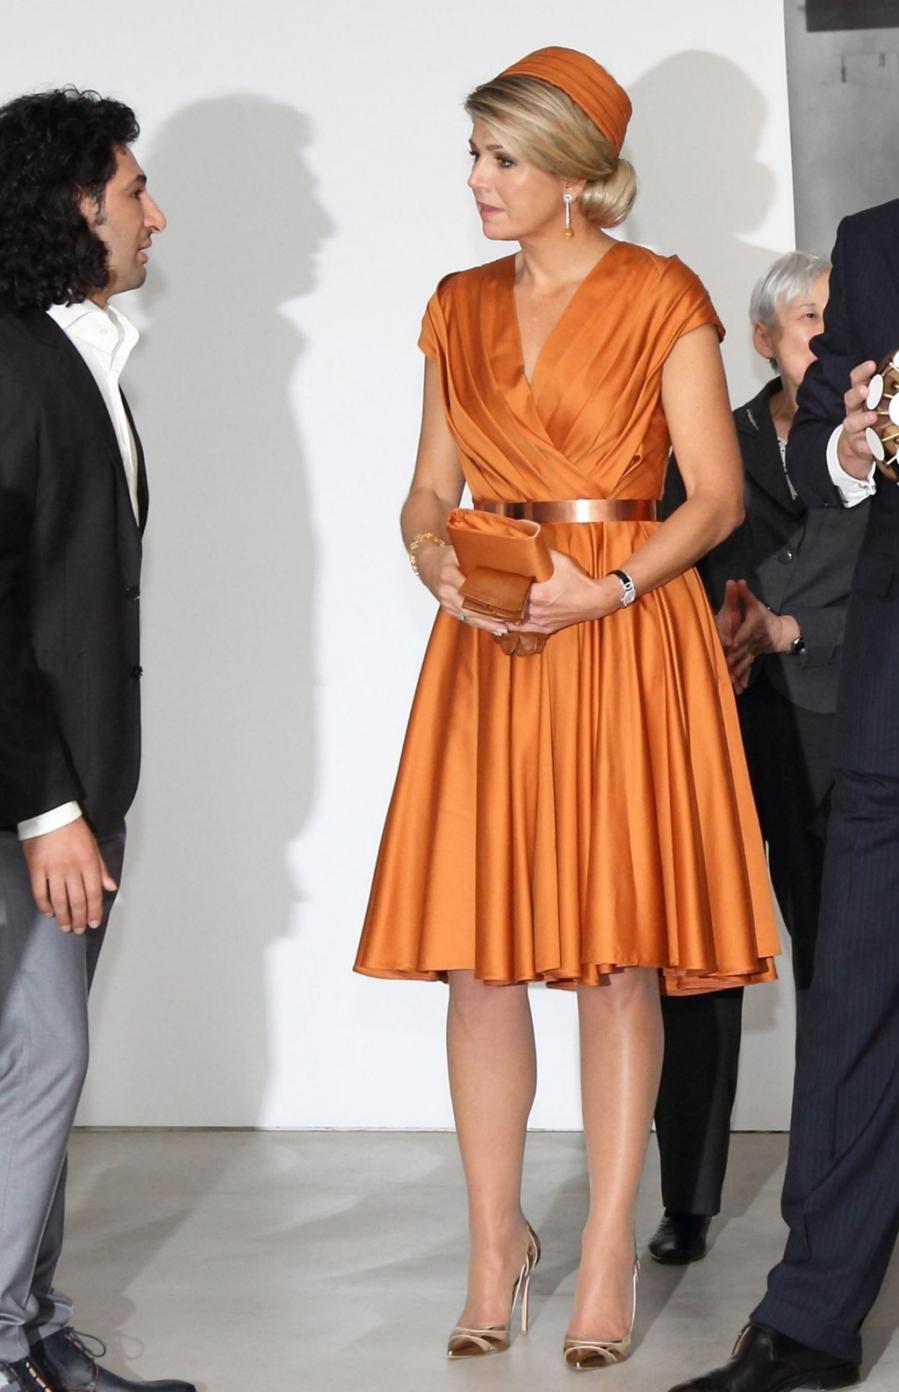 Bà cũng được nhiều người ví như phiên bản Nữ hoàng Elizabeth tại Hà Lan. Bất cứ bộ cánh màu sắc nào, Hoàng hậu Maxima đều diện phụ kiện trùng tông nhằm giúp bản thân nổi bật trước công chúng.